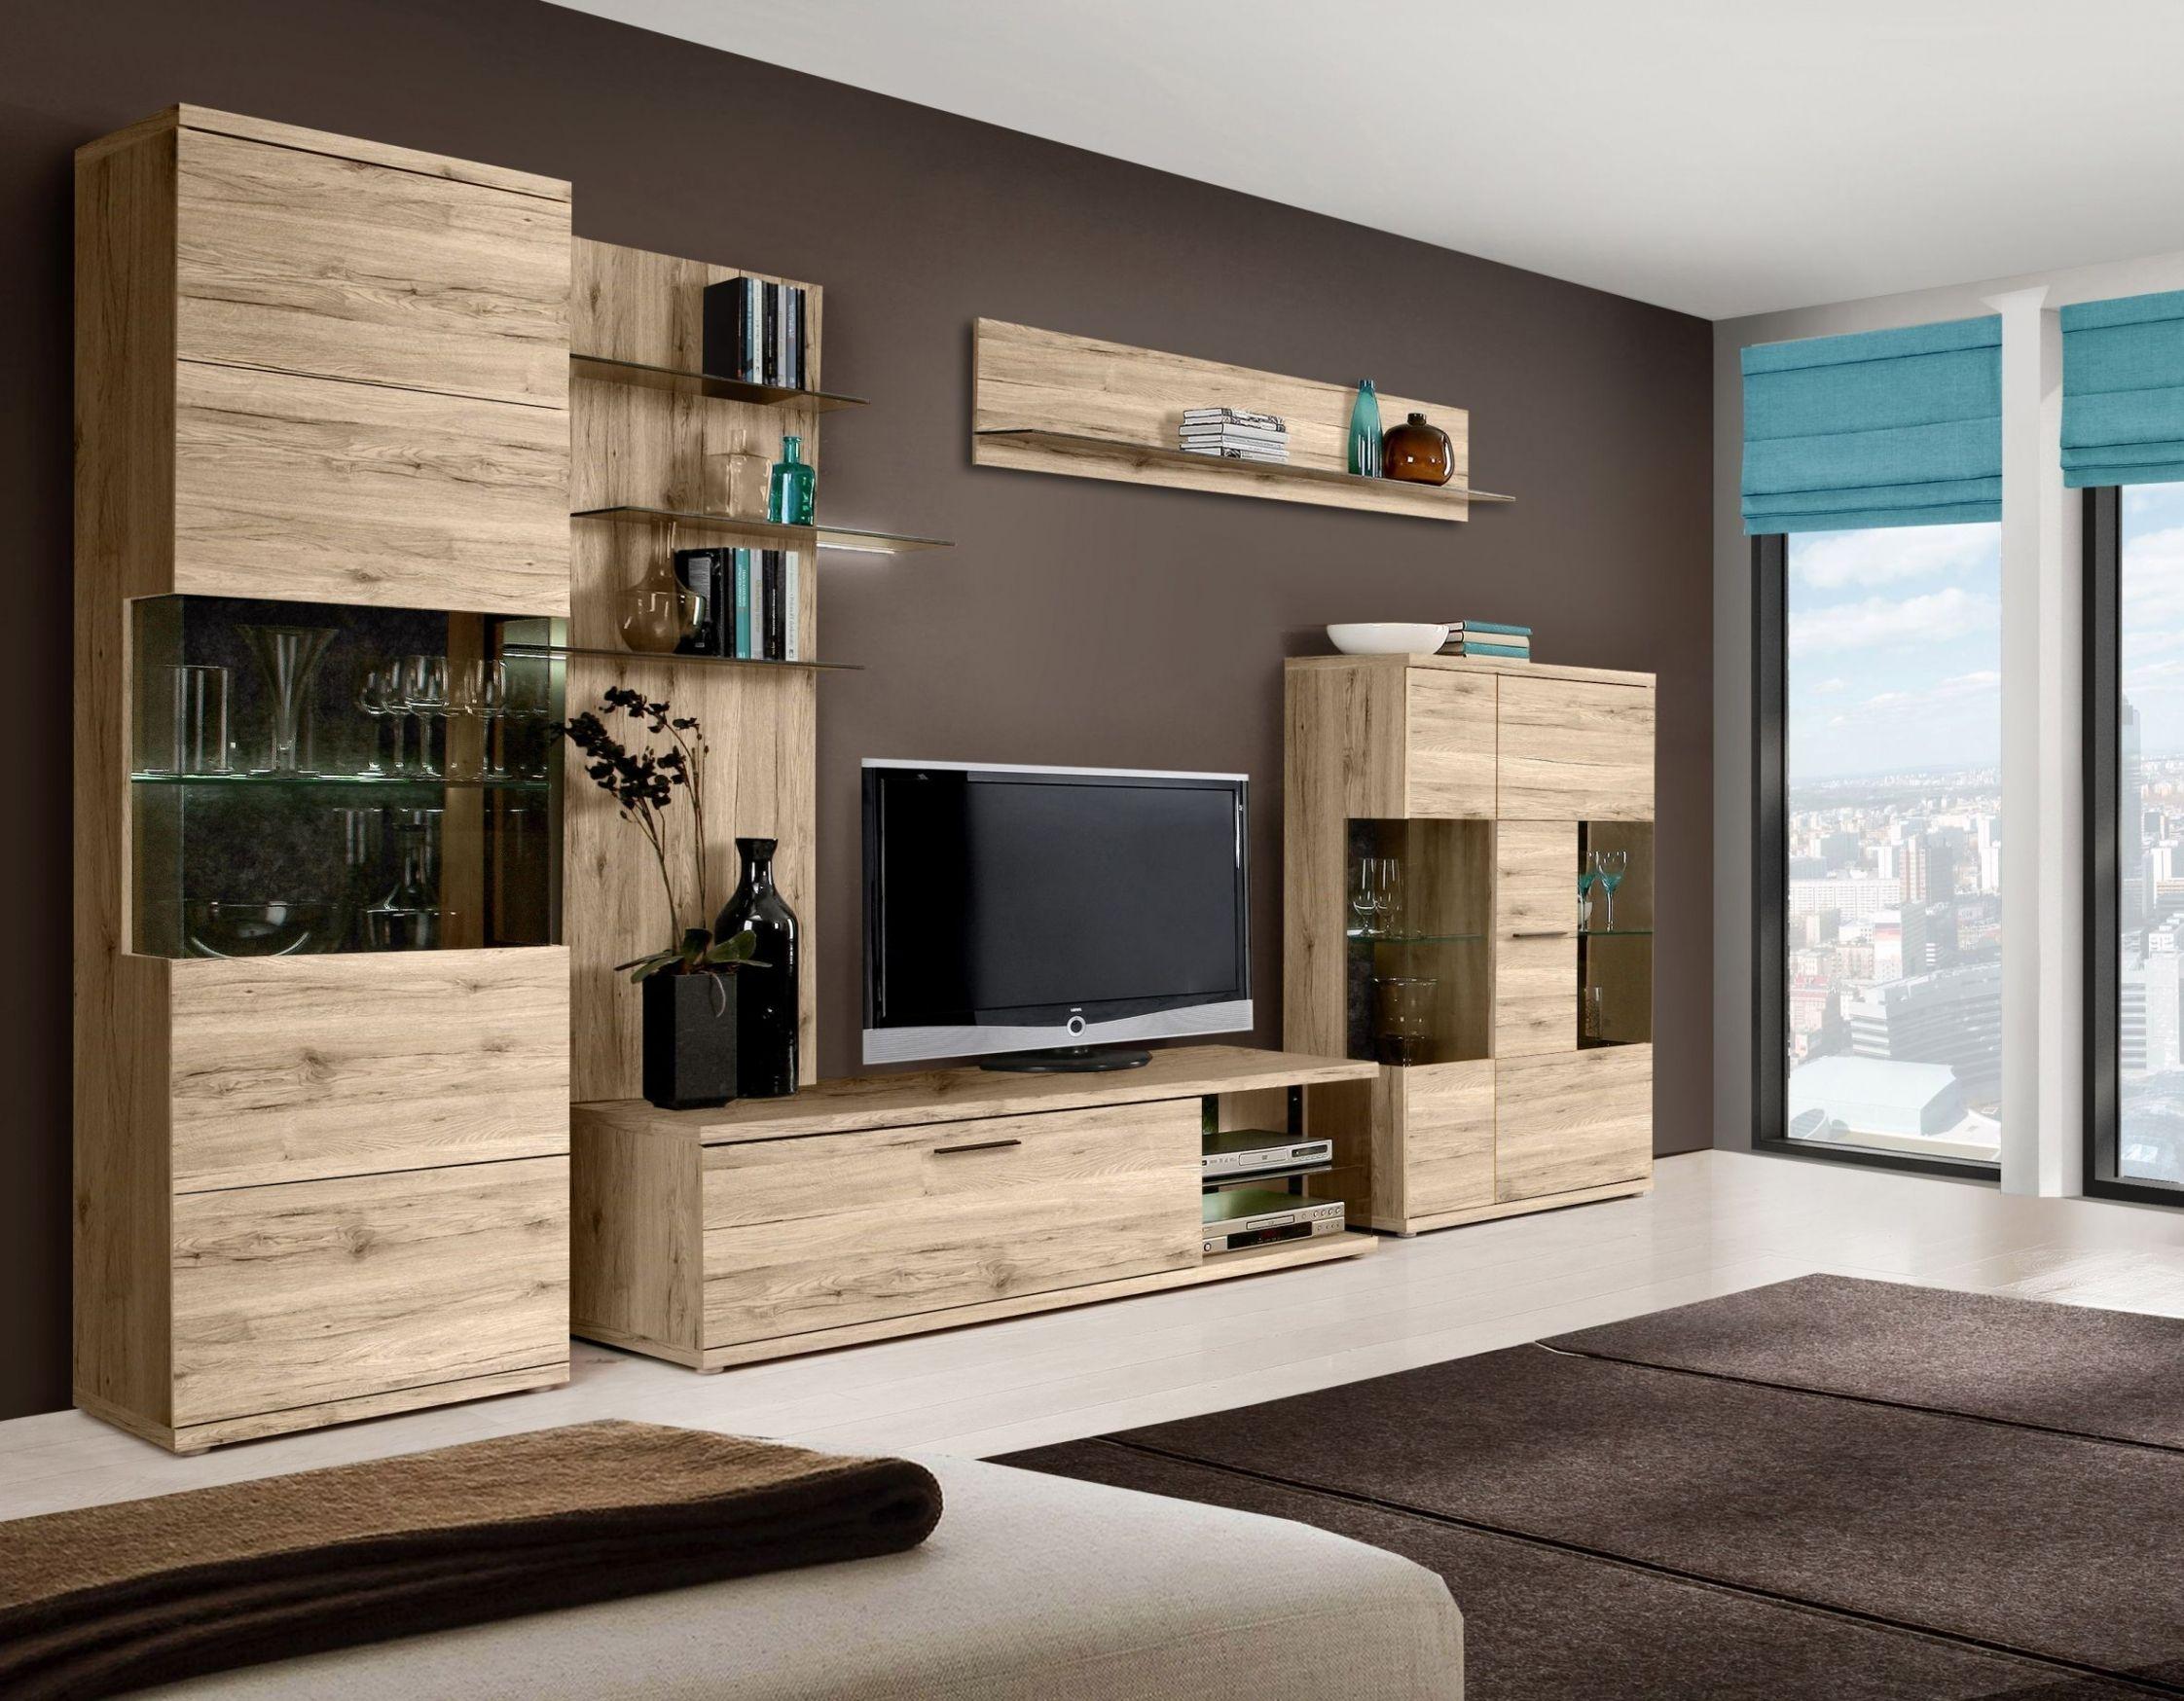 Einzigartig Wohnzimmer Wohnwand | Wohnzimmermöbel | Pinterest